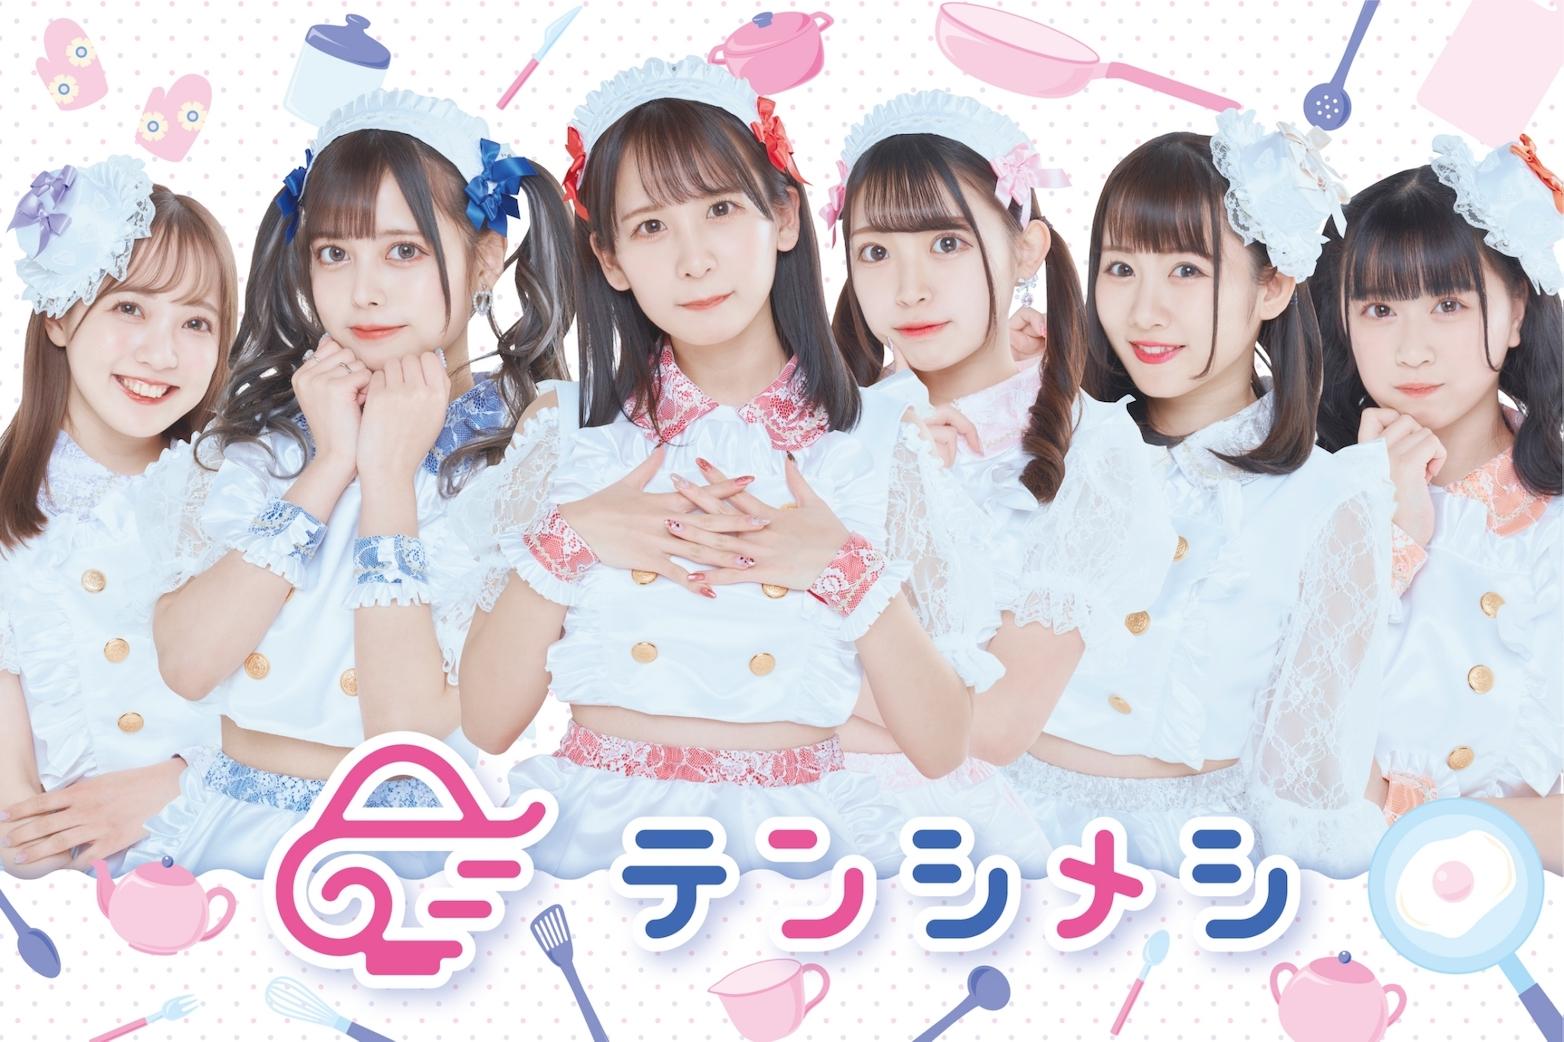 2021/7/22(木祝) テンシメシ໒꒱東名阪ツアー2021 『テンシとアクマのくいだおれ大作戦』246ライブハウスGABU